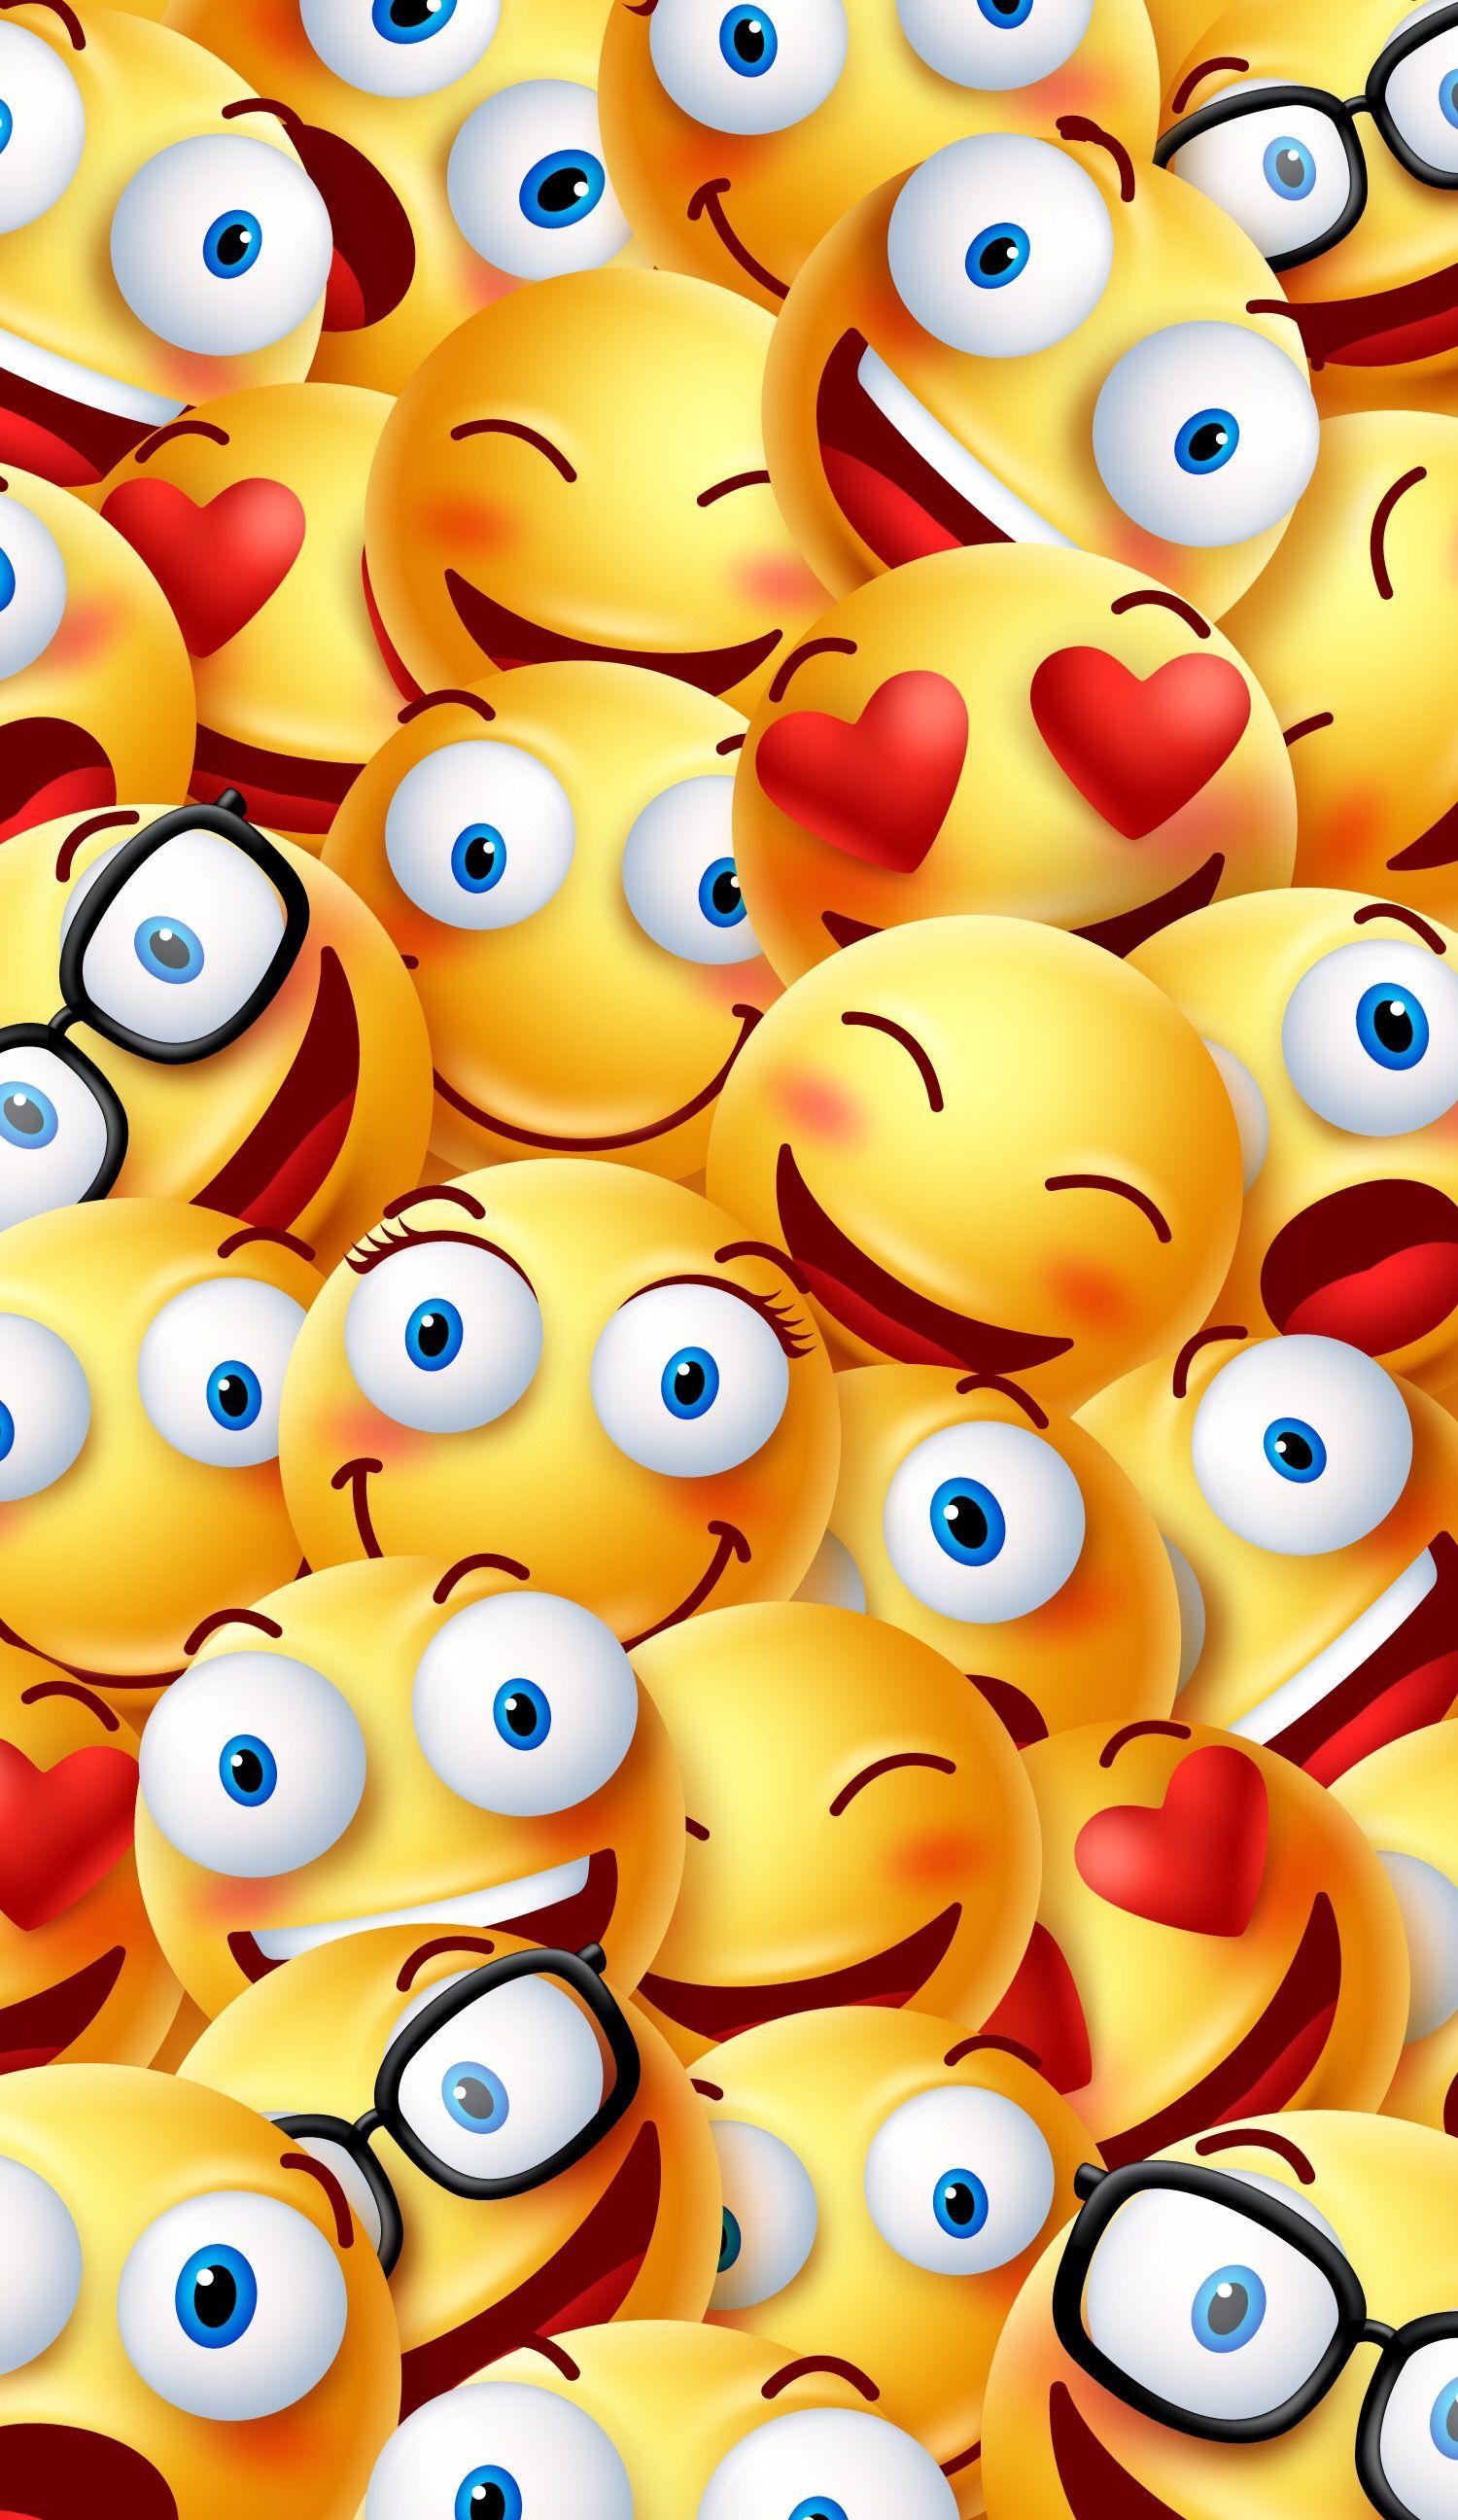 Los Amo F F   F F  D F F   Smile Wallpaper Funny Iphone Wallpaper Apple Wallpaper Iphone